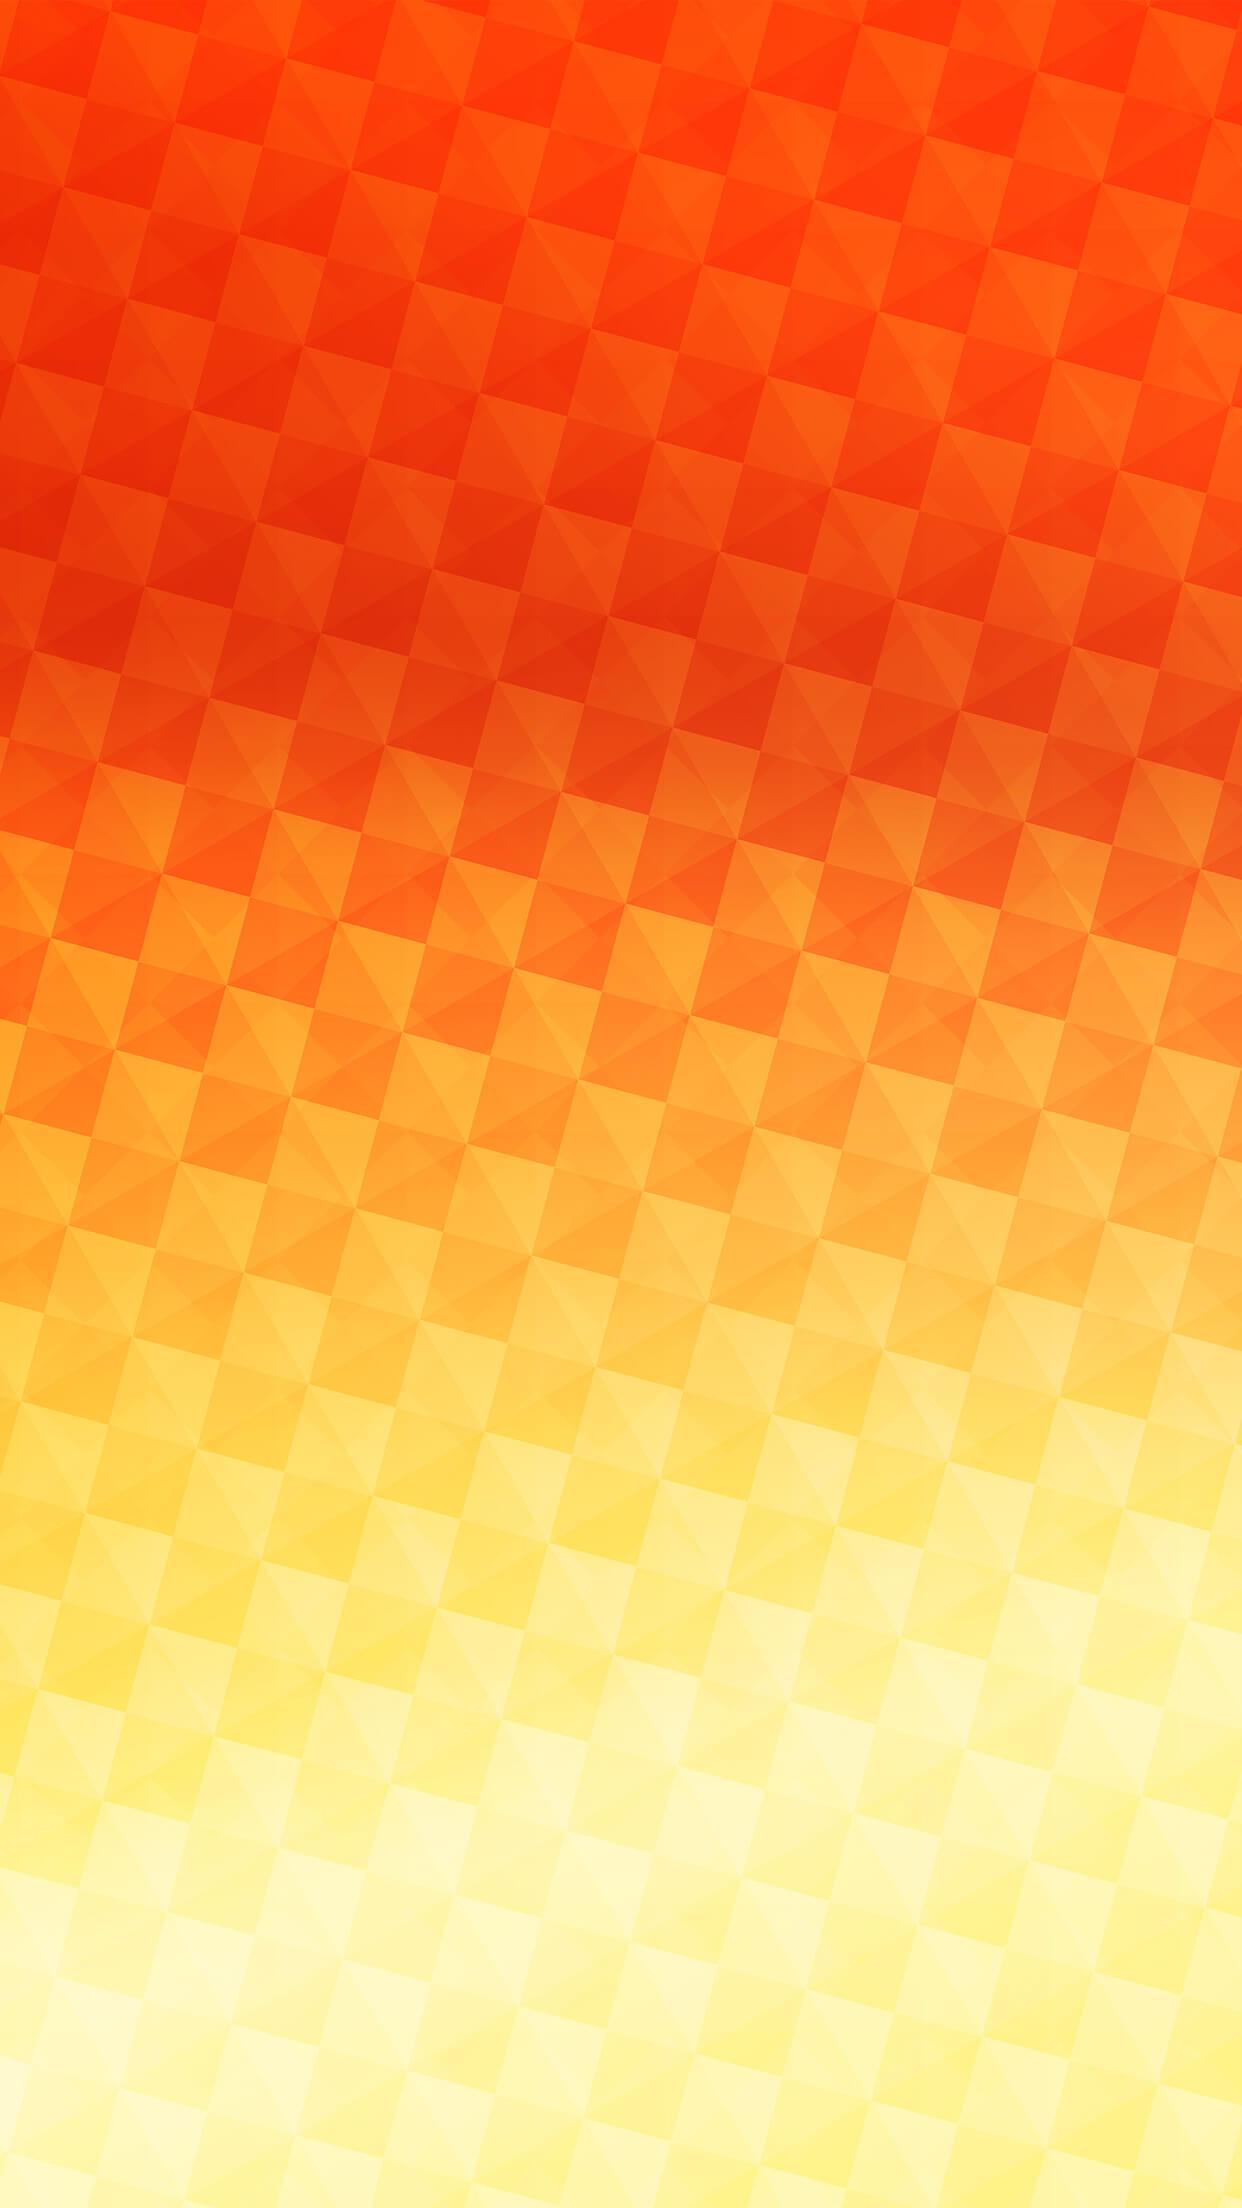 Wallpapers inspirados en el Color Amarillo para tu iPhone ...